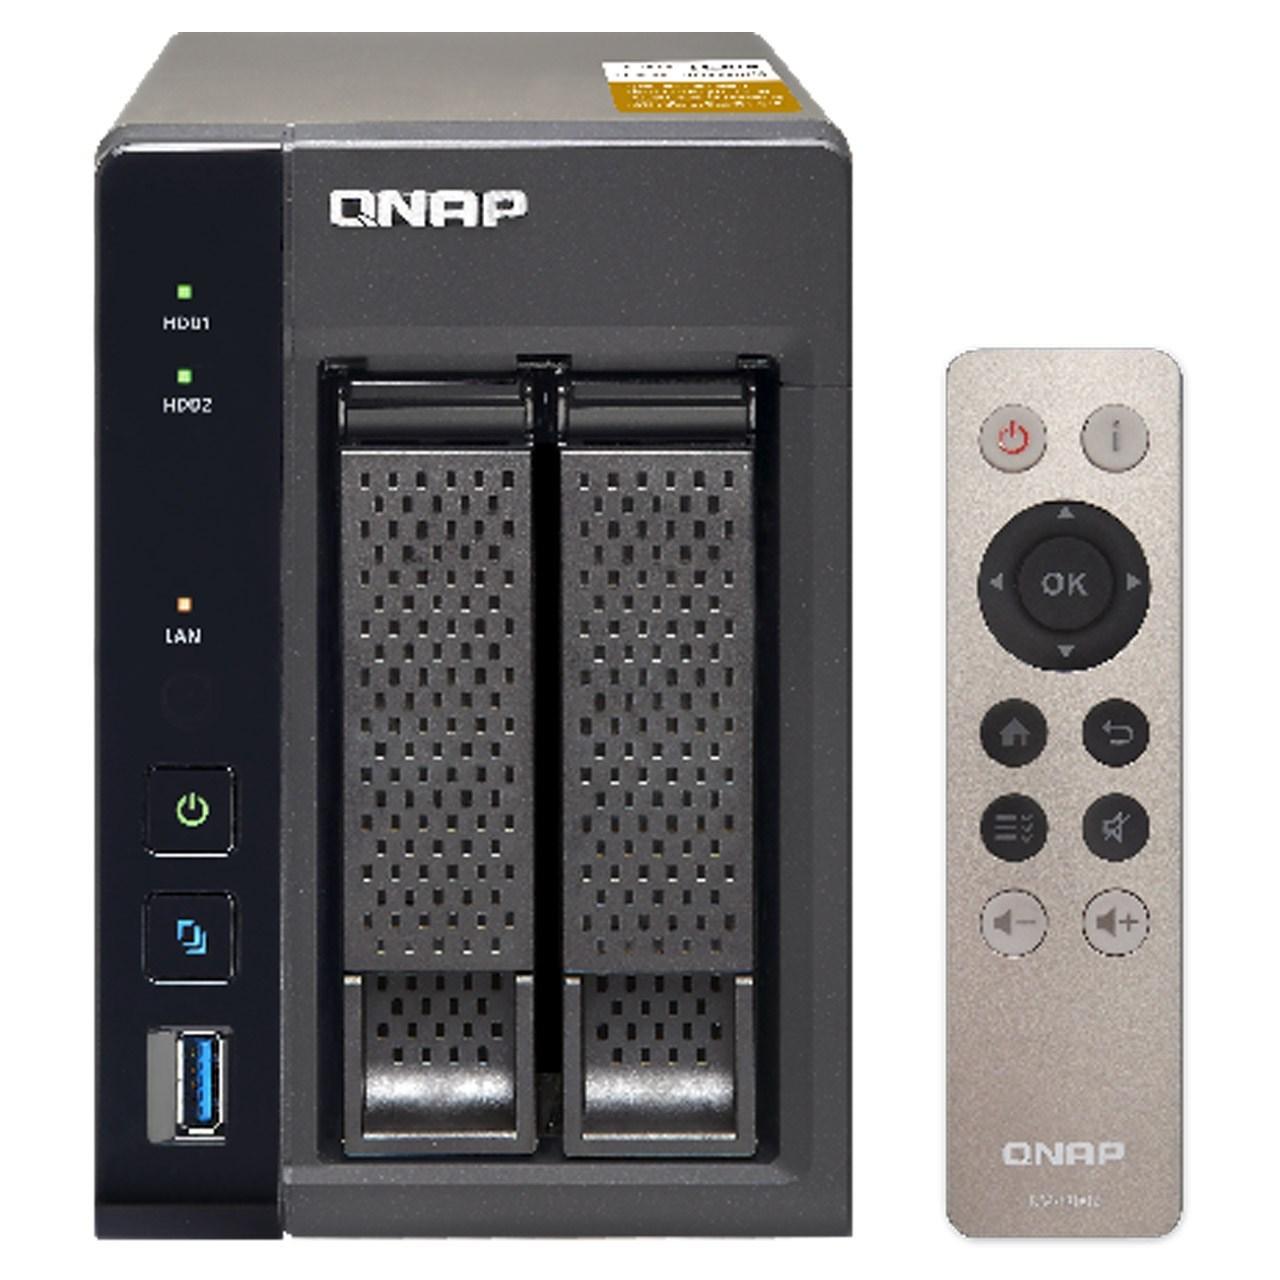 ذخیره ساز تحت شبکه کیونپ مدل TS-253A دارای دو سینی فاقد هارددیسک